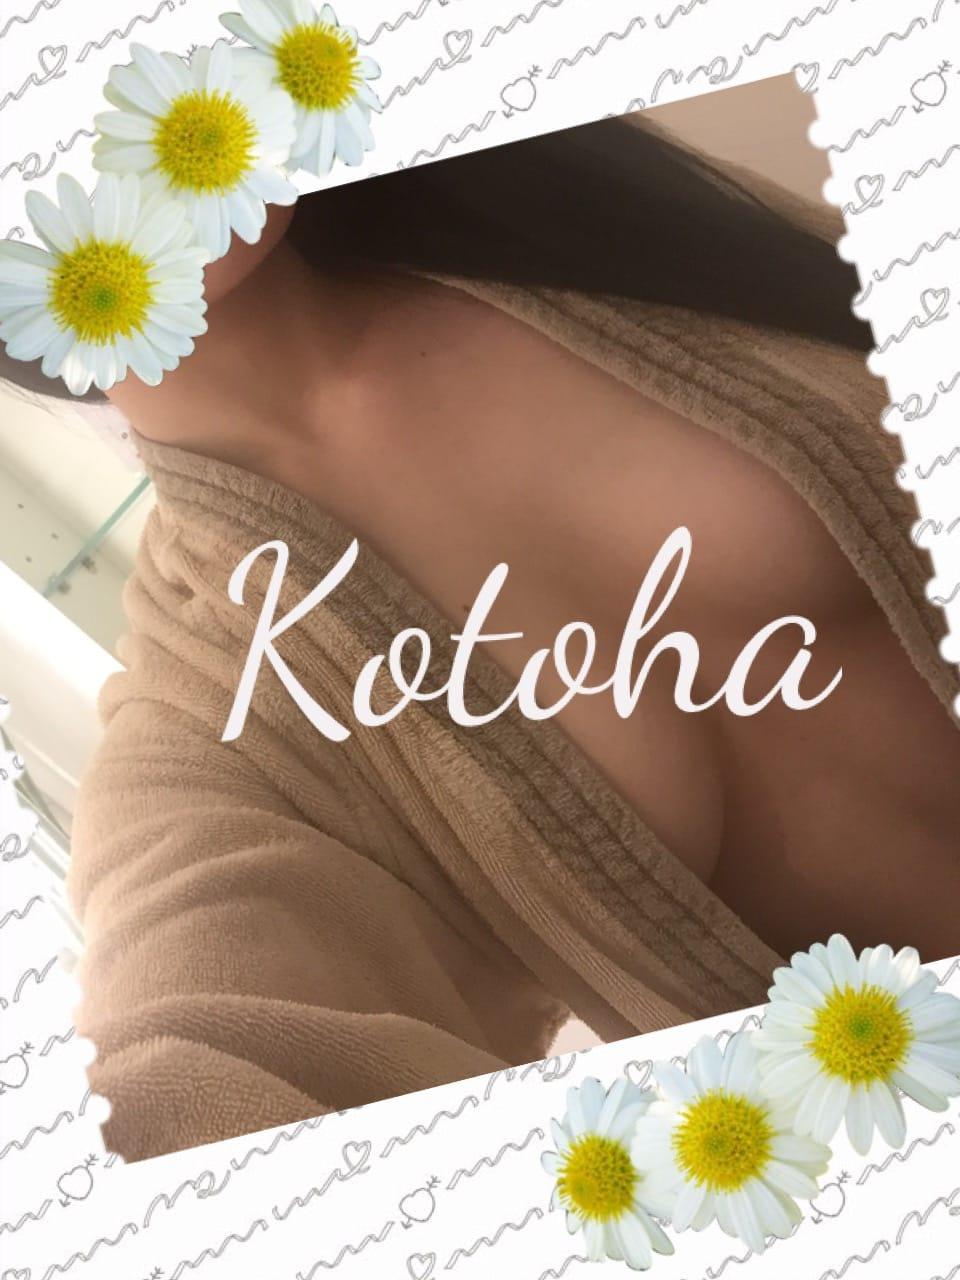 「きんようび」03/16(03/16) 09:18 | Kotoha(ことは)の写メ・風俗動画